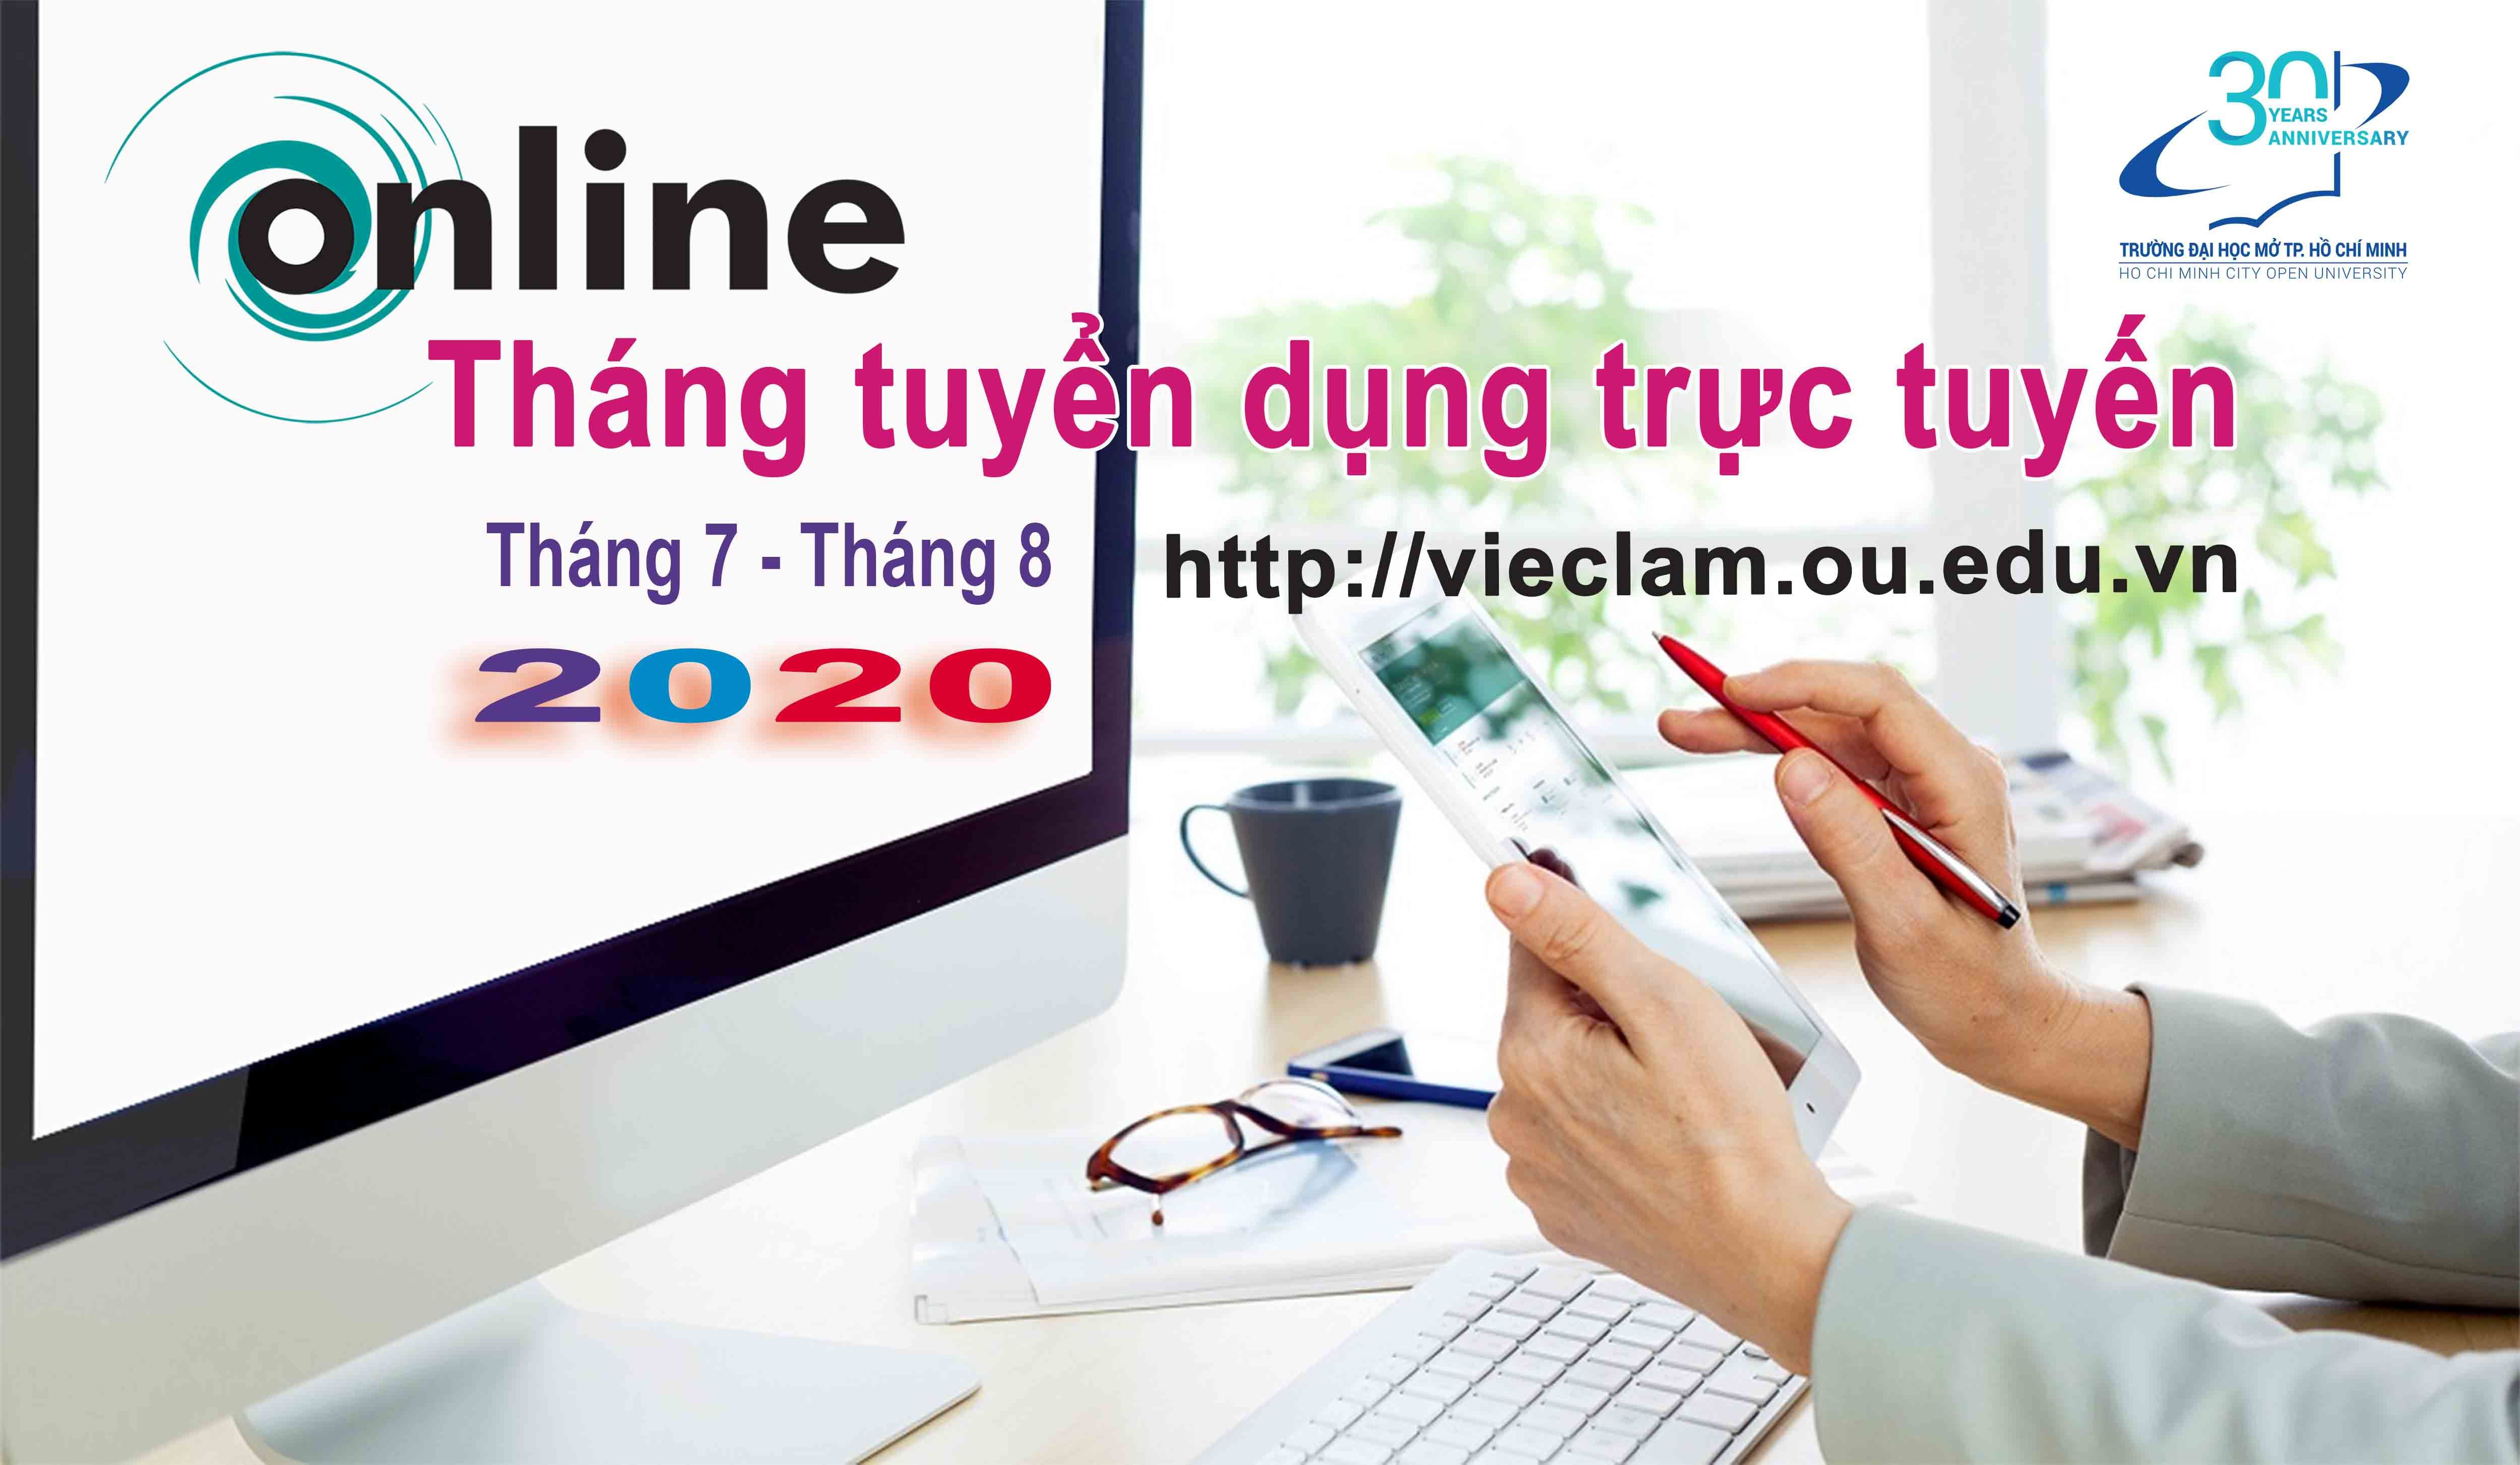 Chương trình Tháng thông tin tuyển dụng trực tuyến - Tháng 7,8 năm 2020